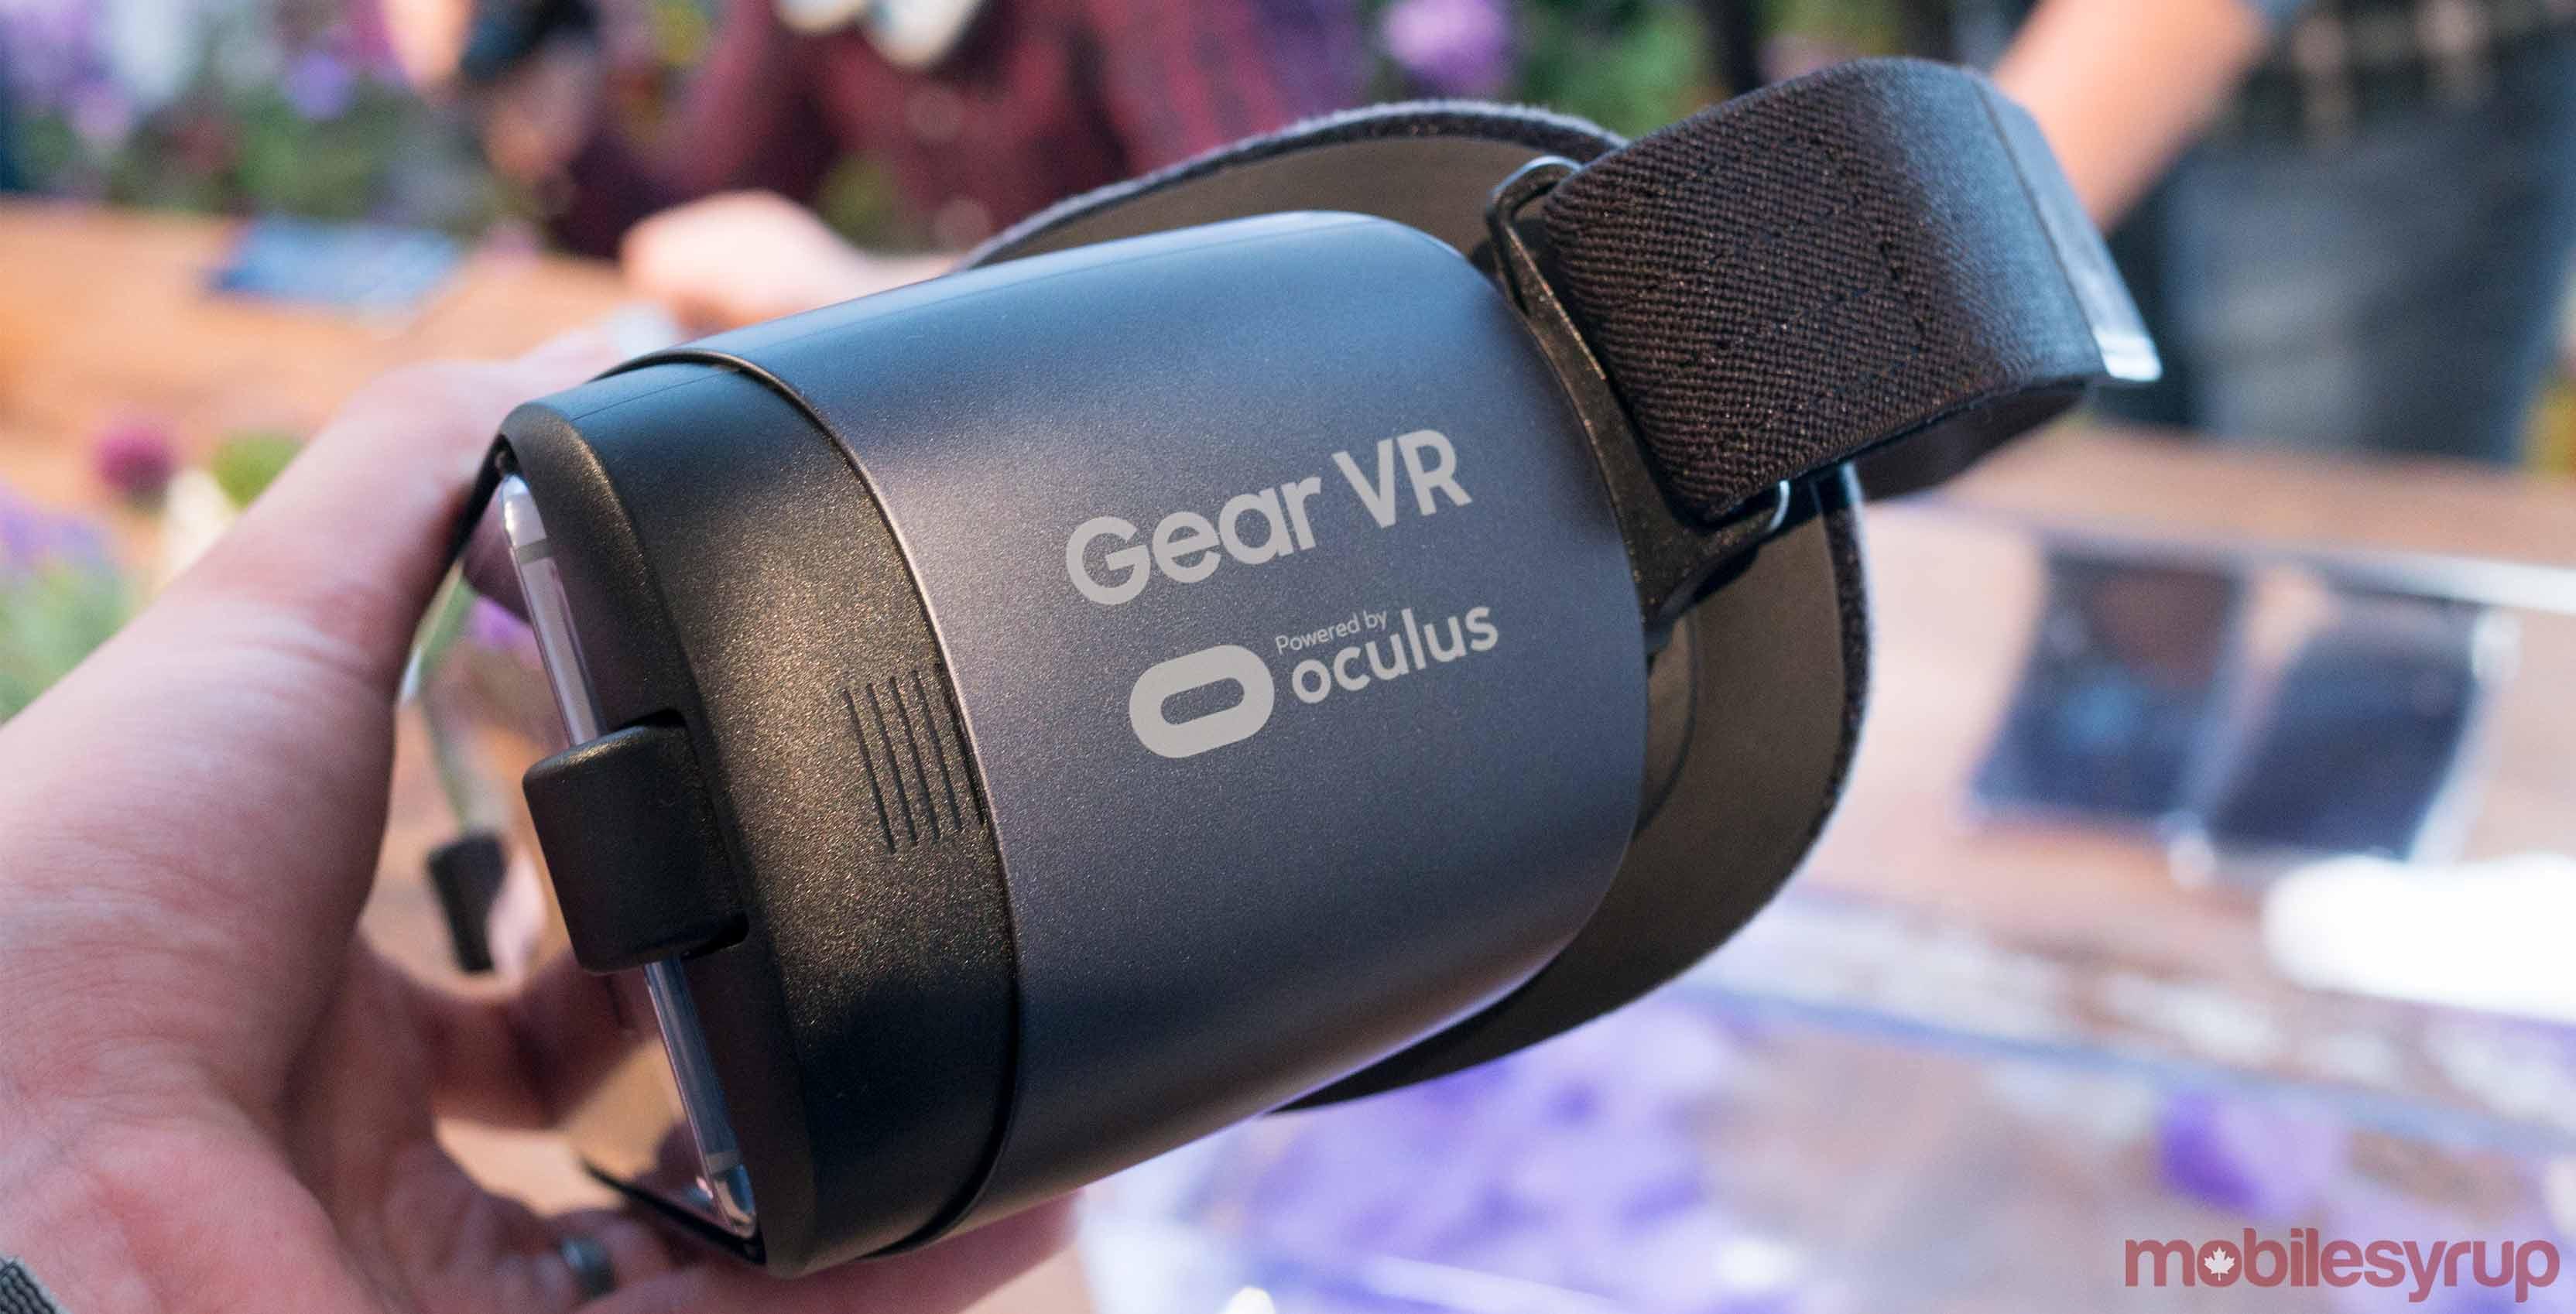 Samsung Gear VR in hand